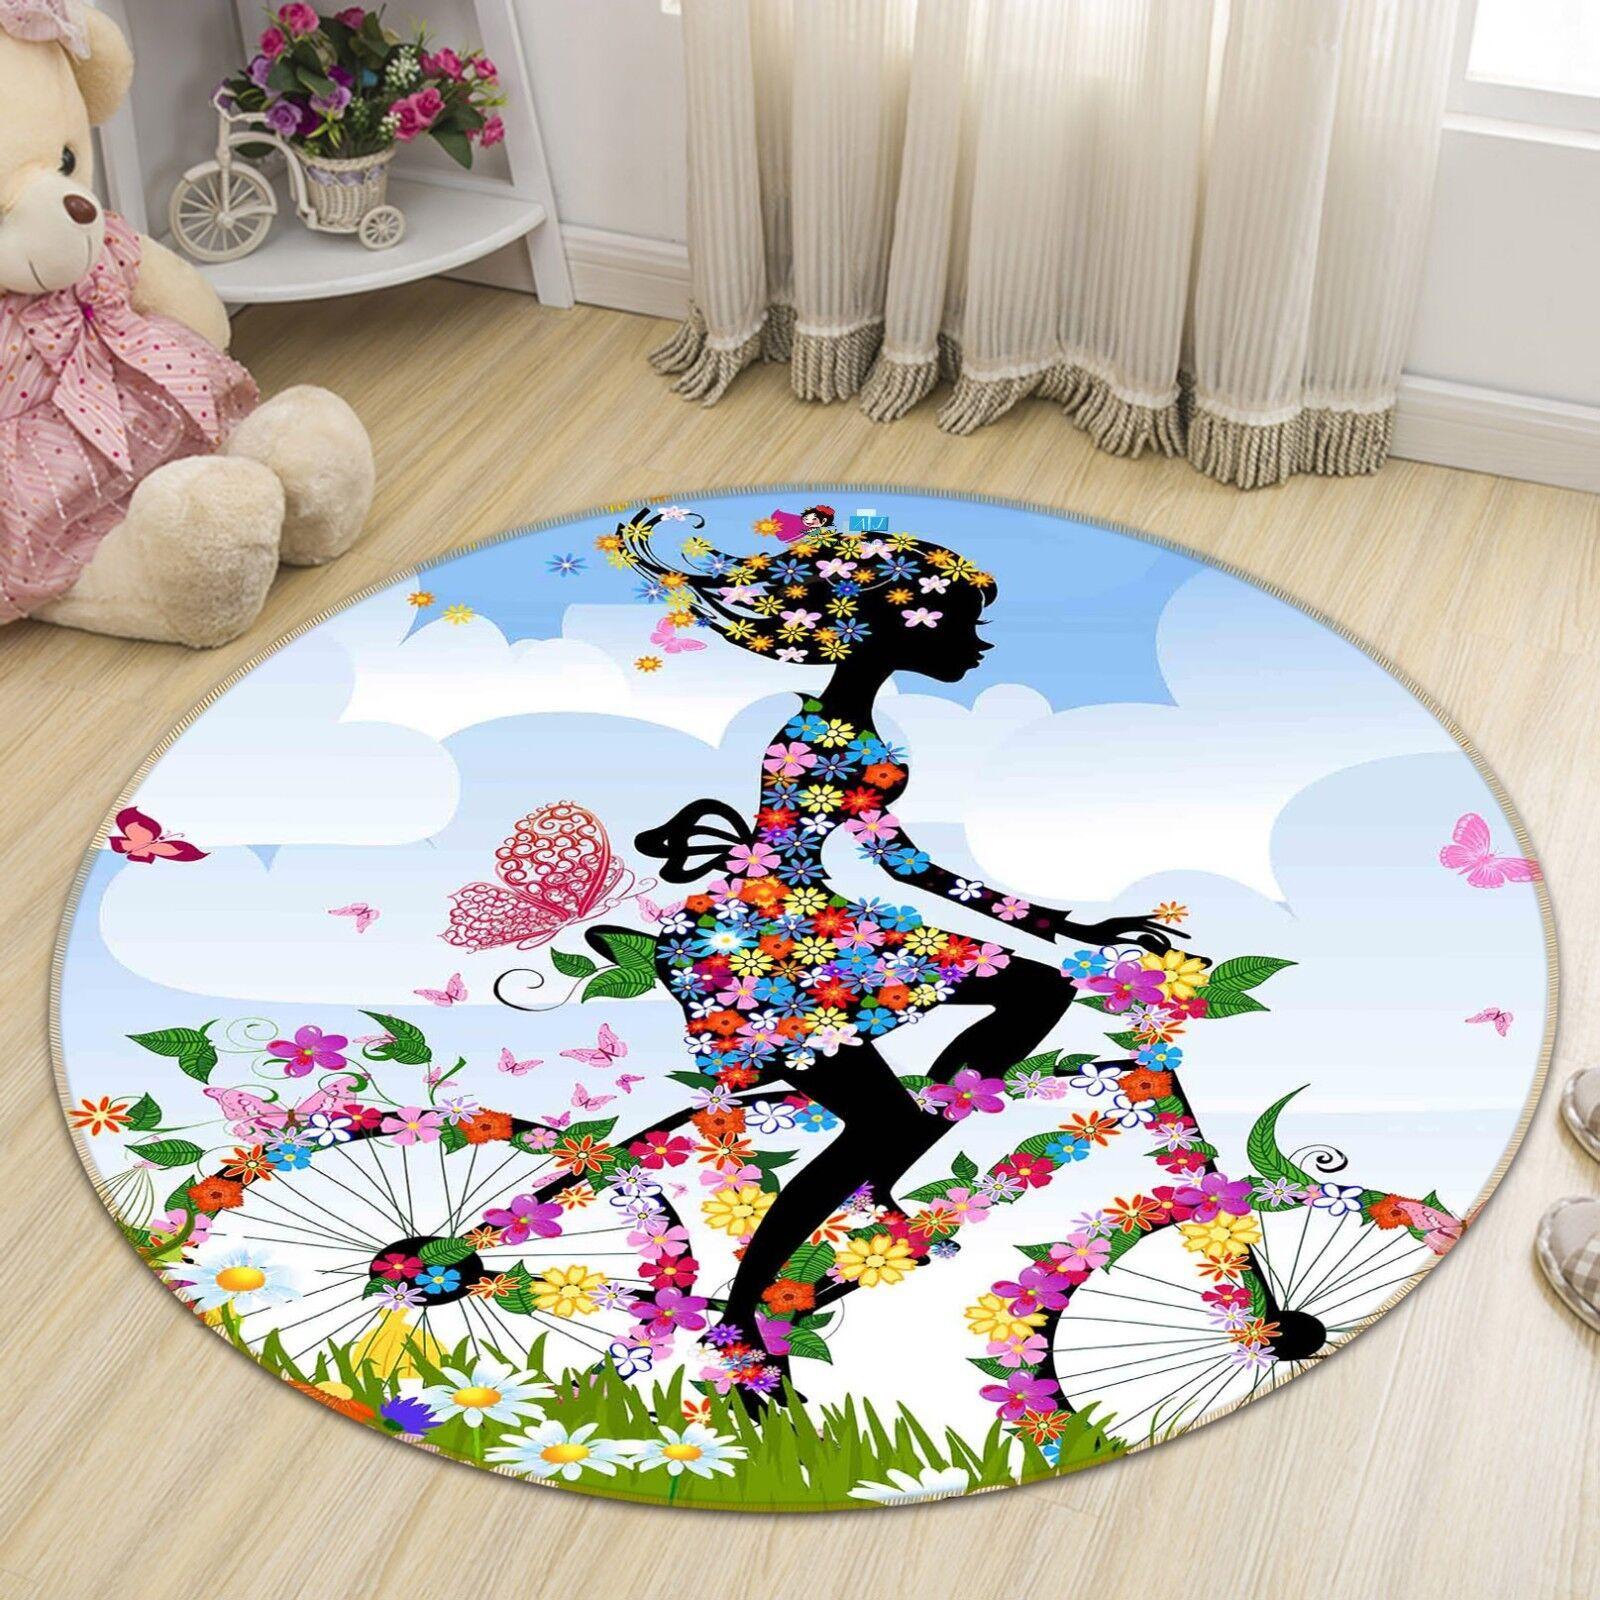 3D Flower Girl Girl Girl 8 Non Slip Rug Mat Room Mat Round Quality Elegant Photo Carpet US 9afe2f